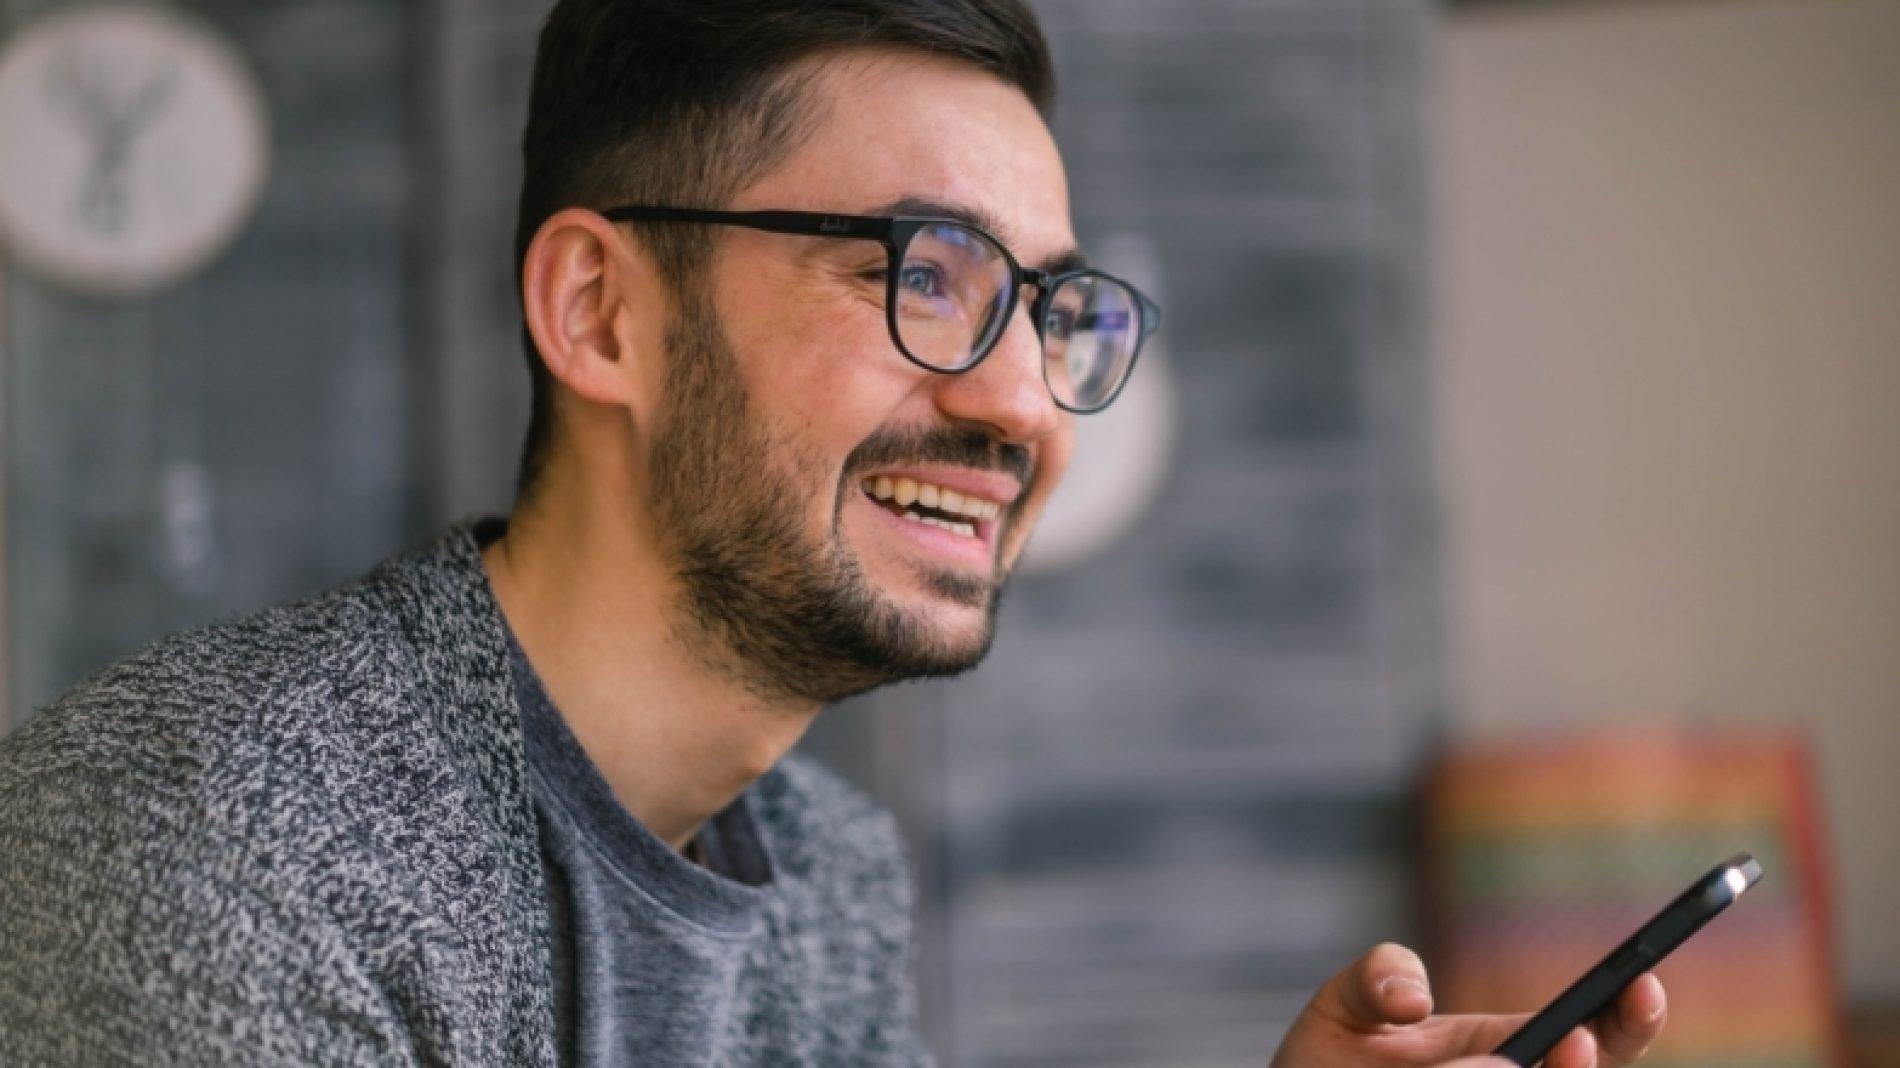 young-man-man-glasses-smiling-man-mobile-device-using-mobile-people-using-mobile-using-mobile-devices_t20_B8LLPZ-EWjfwa